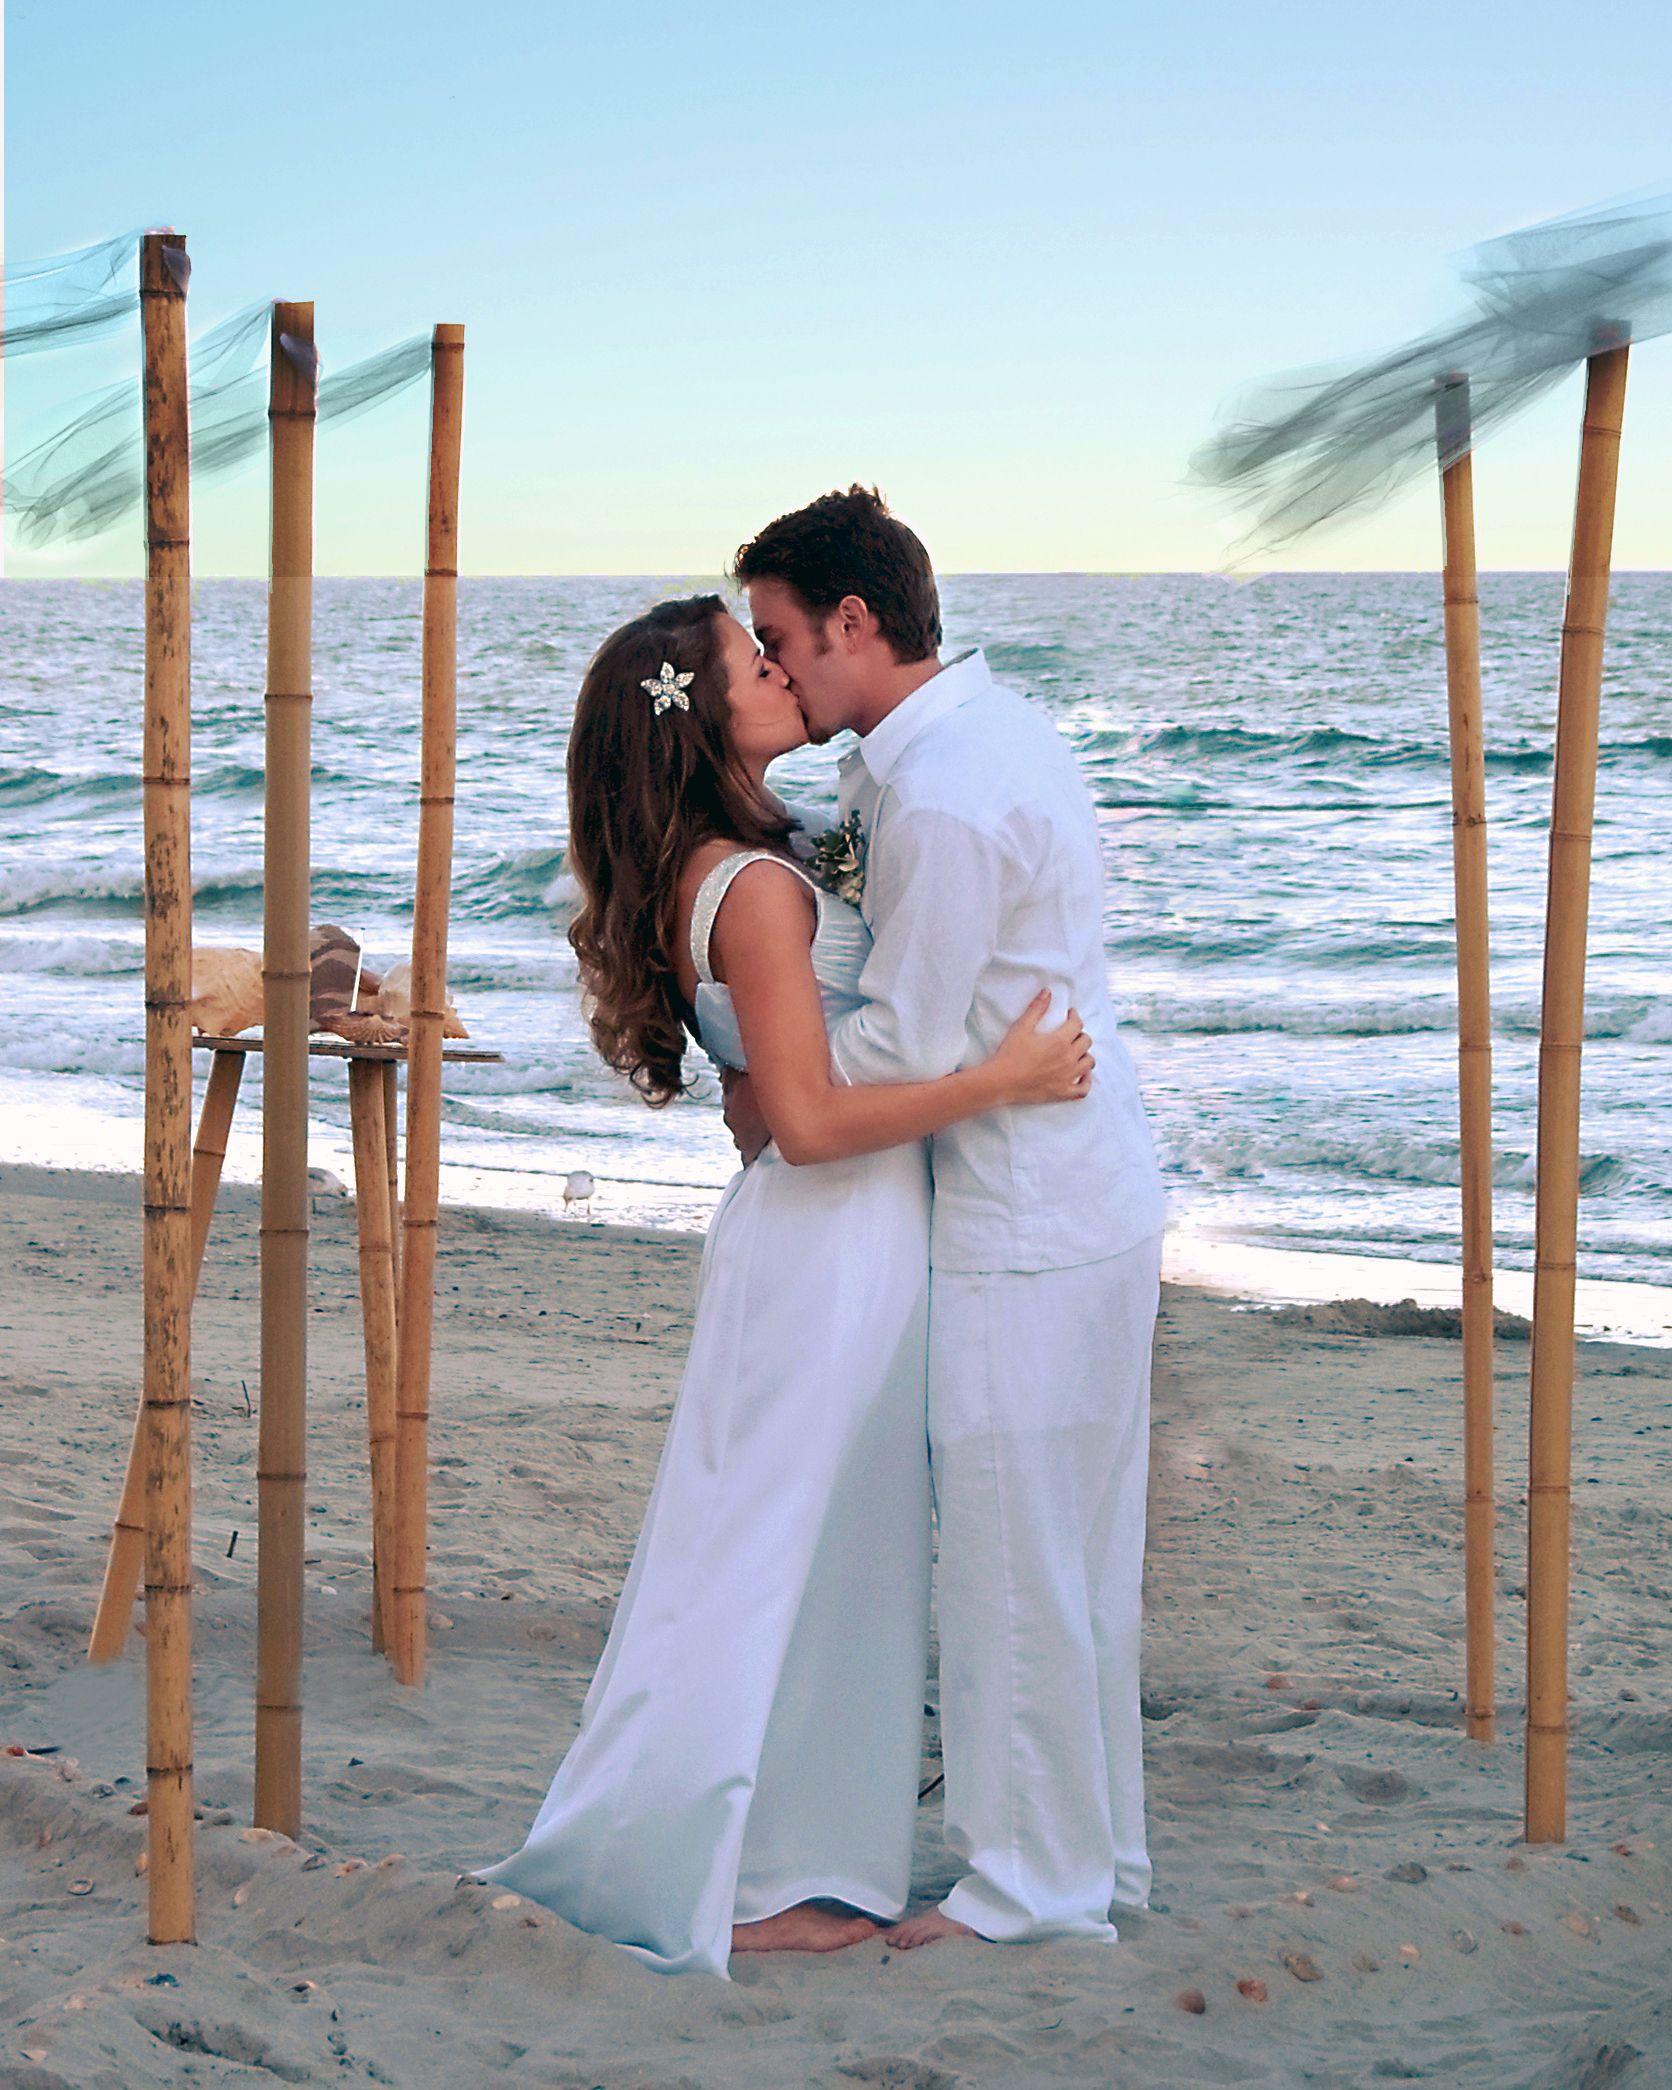 37b8b2d3ff91f0a7a89a9e747a7dfa33 - beach wedding first dance songs